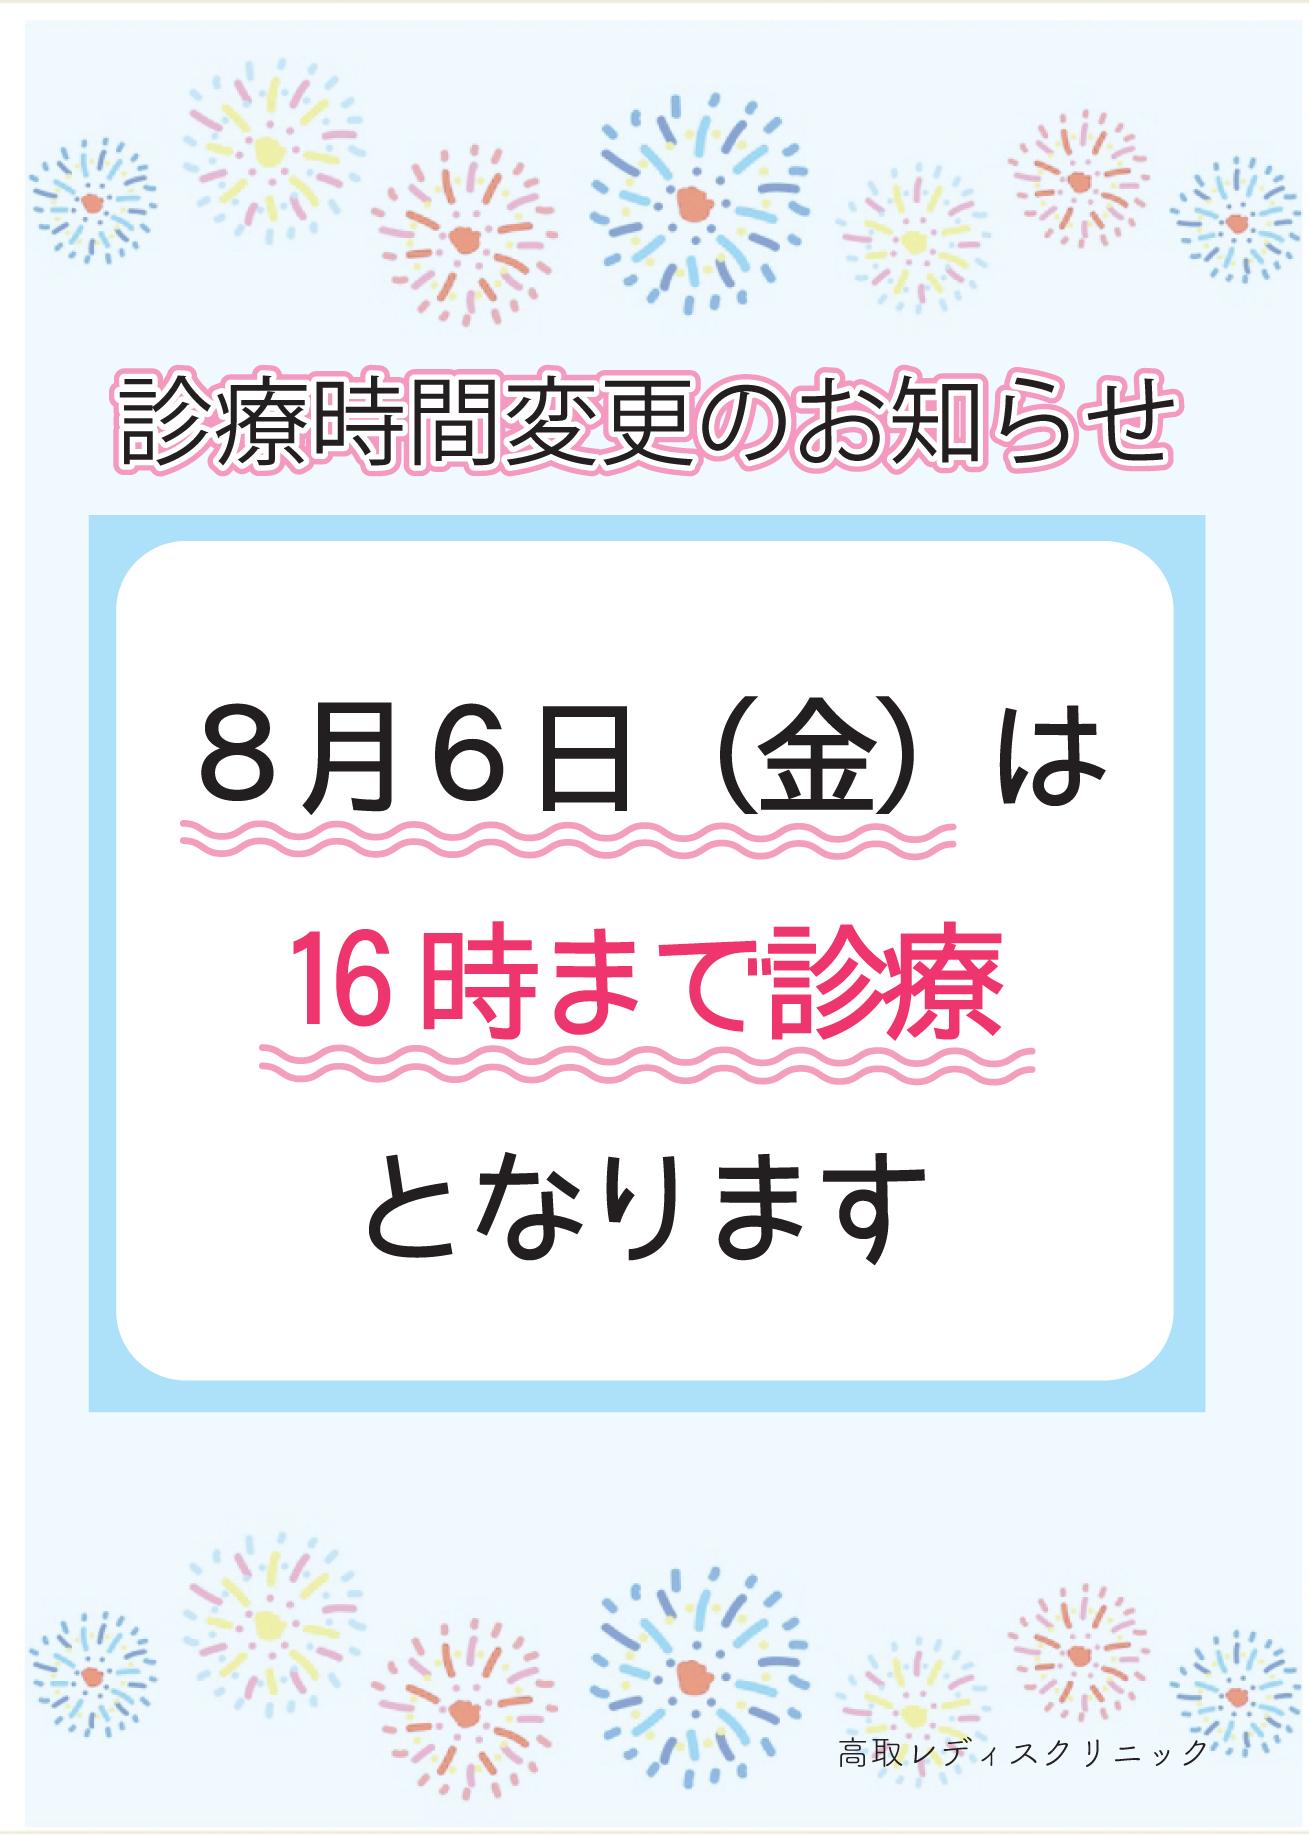 ☆診療時間変更のお知らせ☆